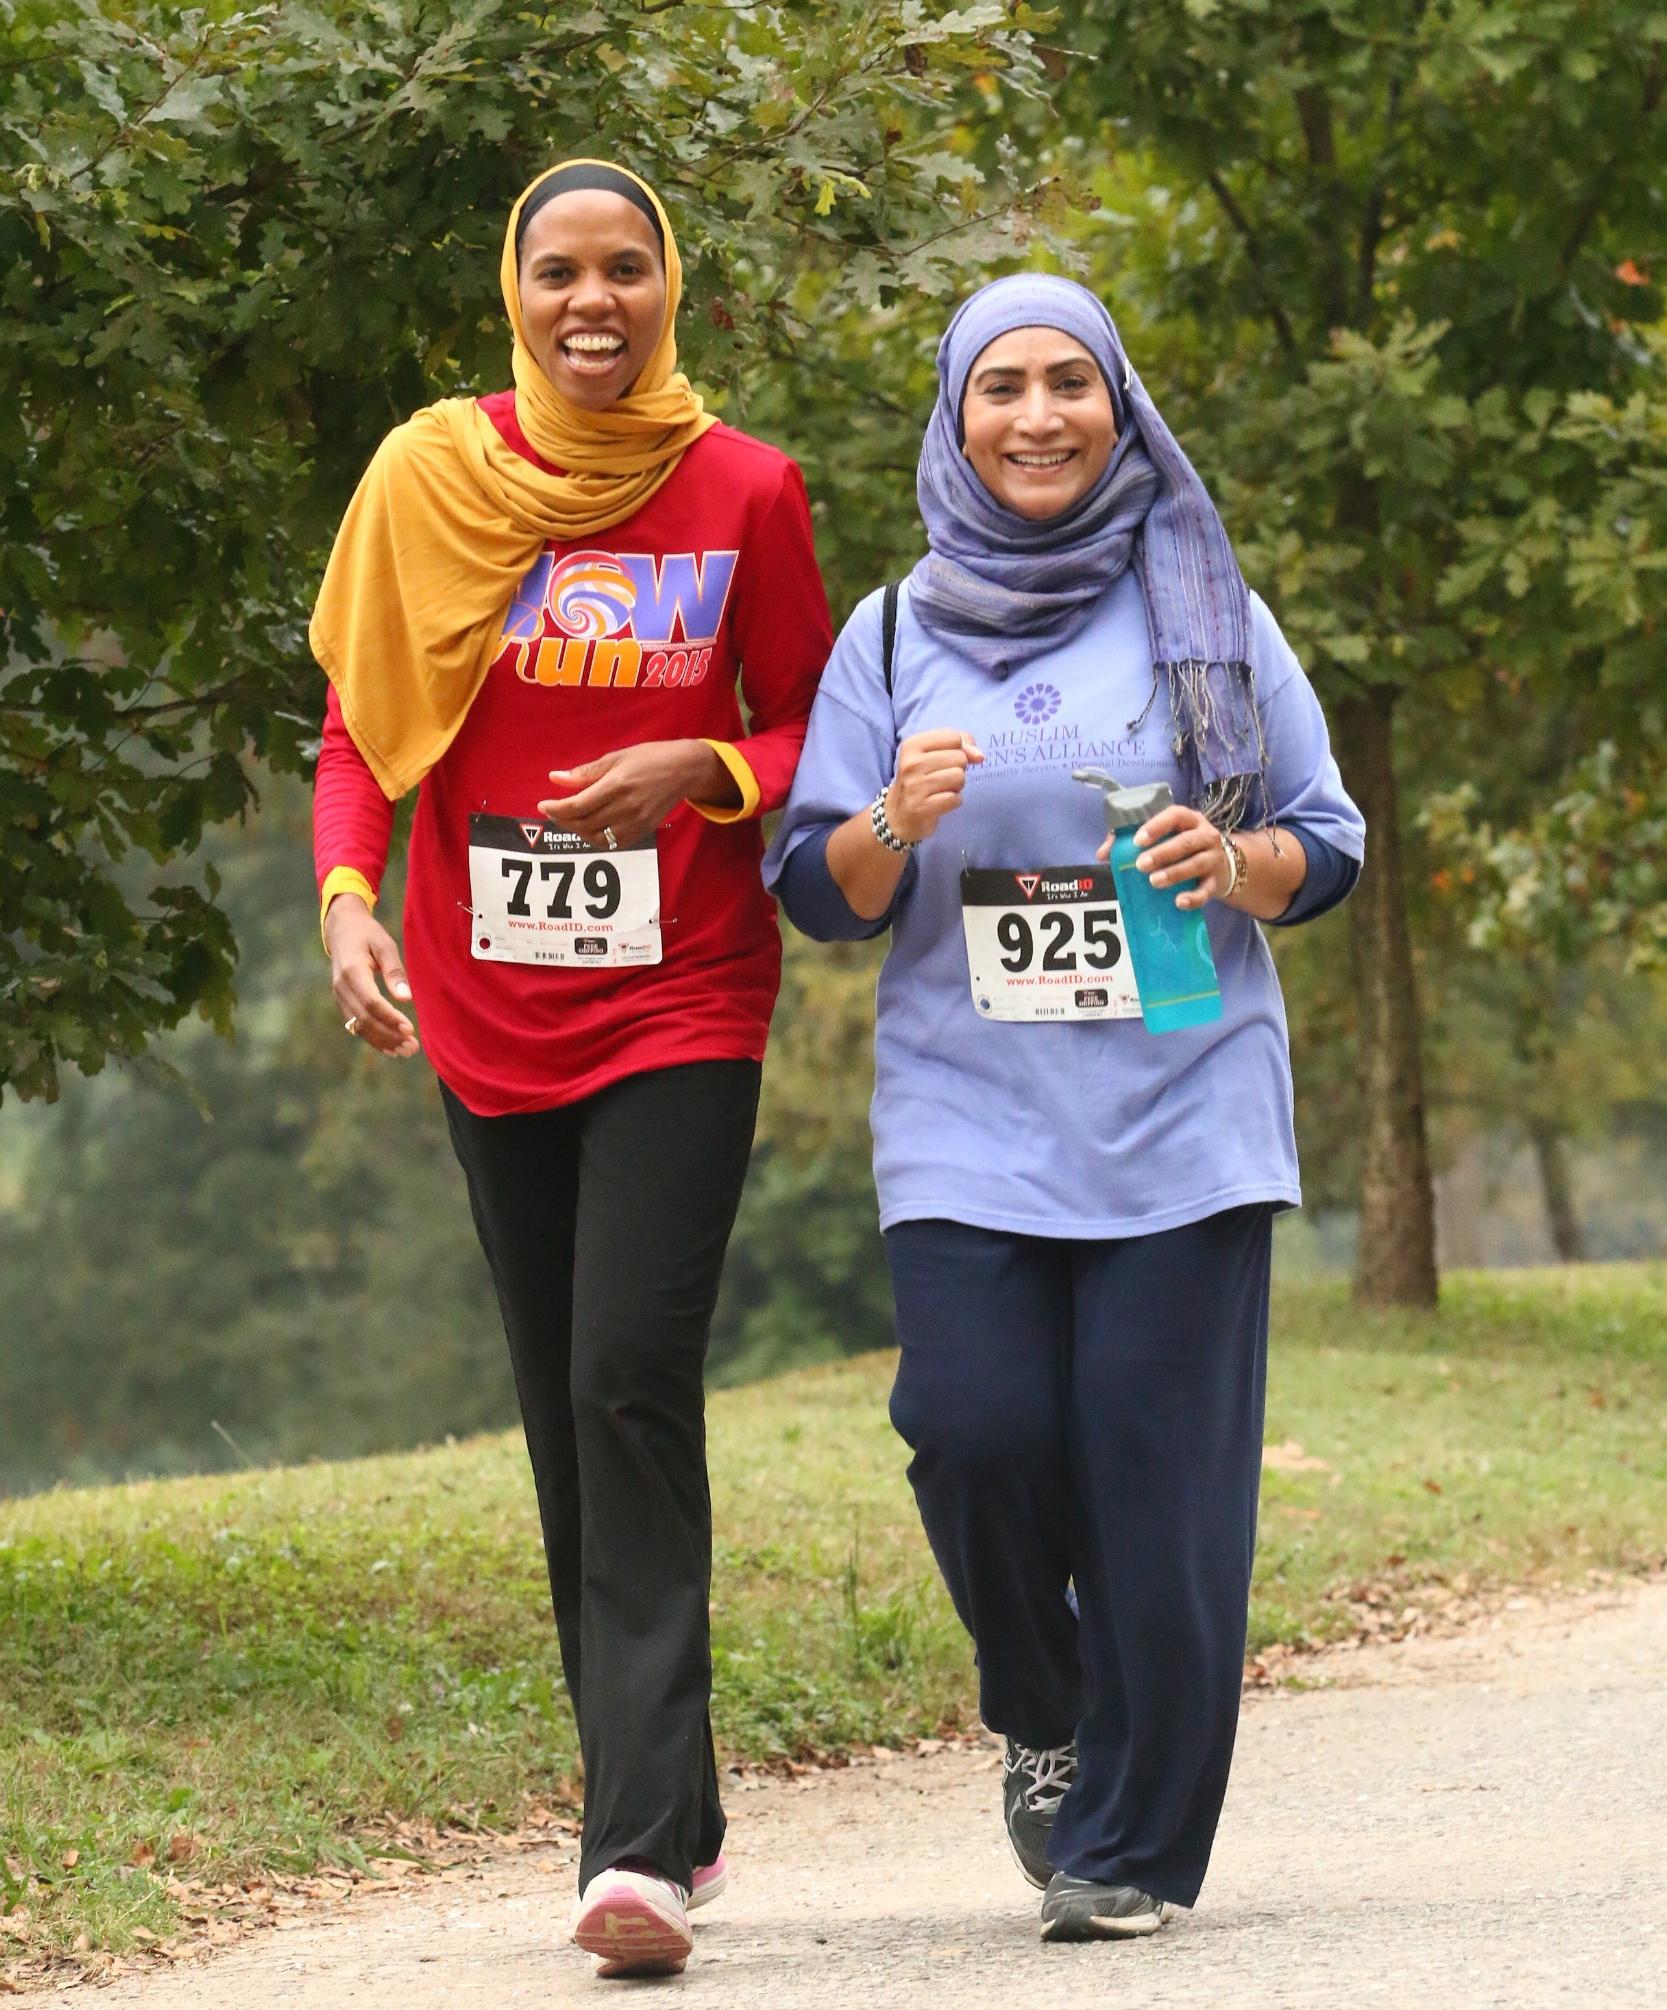 Muslimahs Endure Wow 5k Walk -